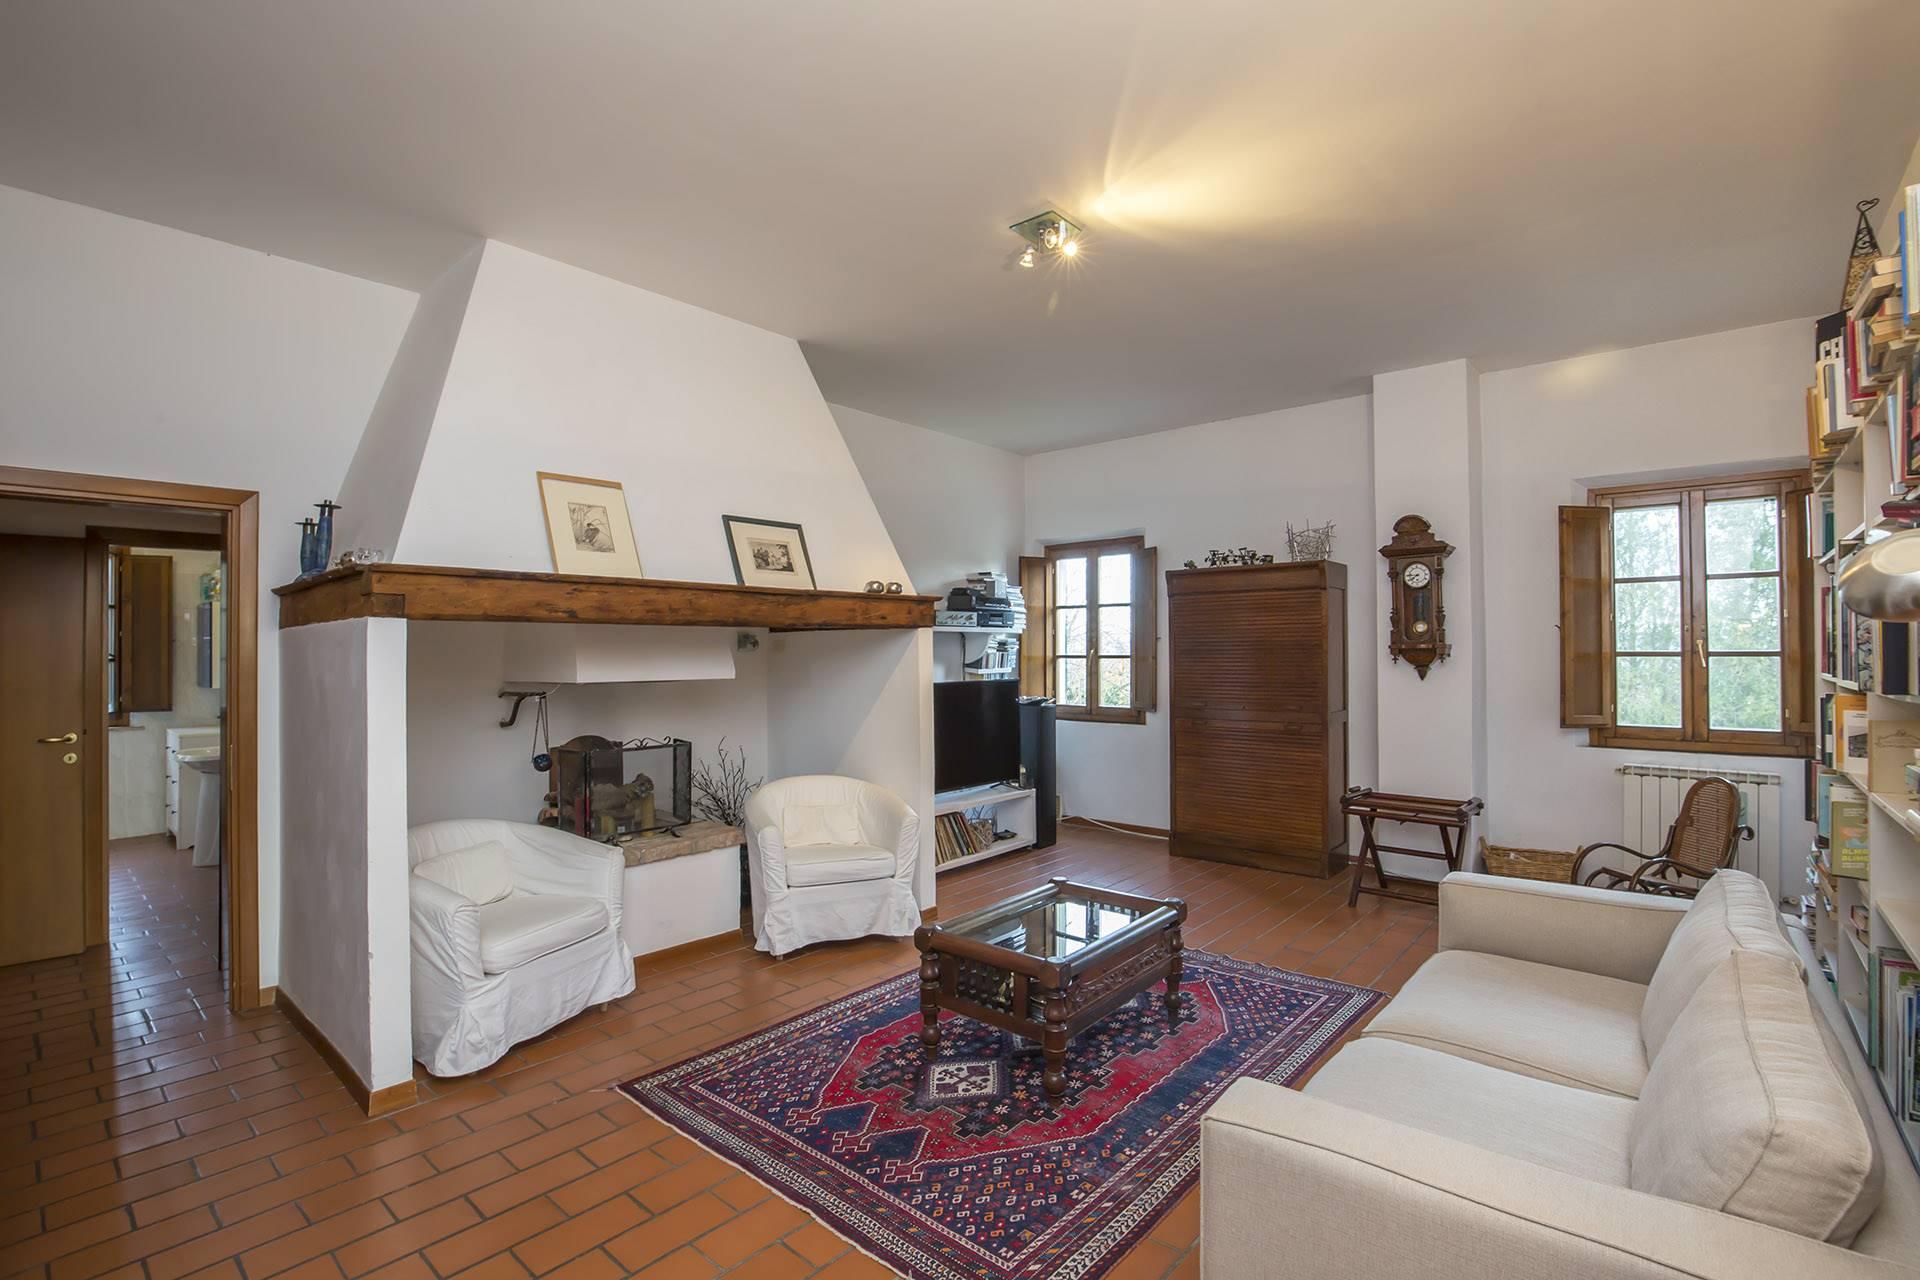 Siena Sud, a pochi chilometri dal centro, caratteristico casolare su due livelli con giardino circostante, capanna e forno a legna. Il casolare si